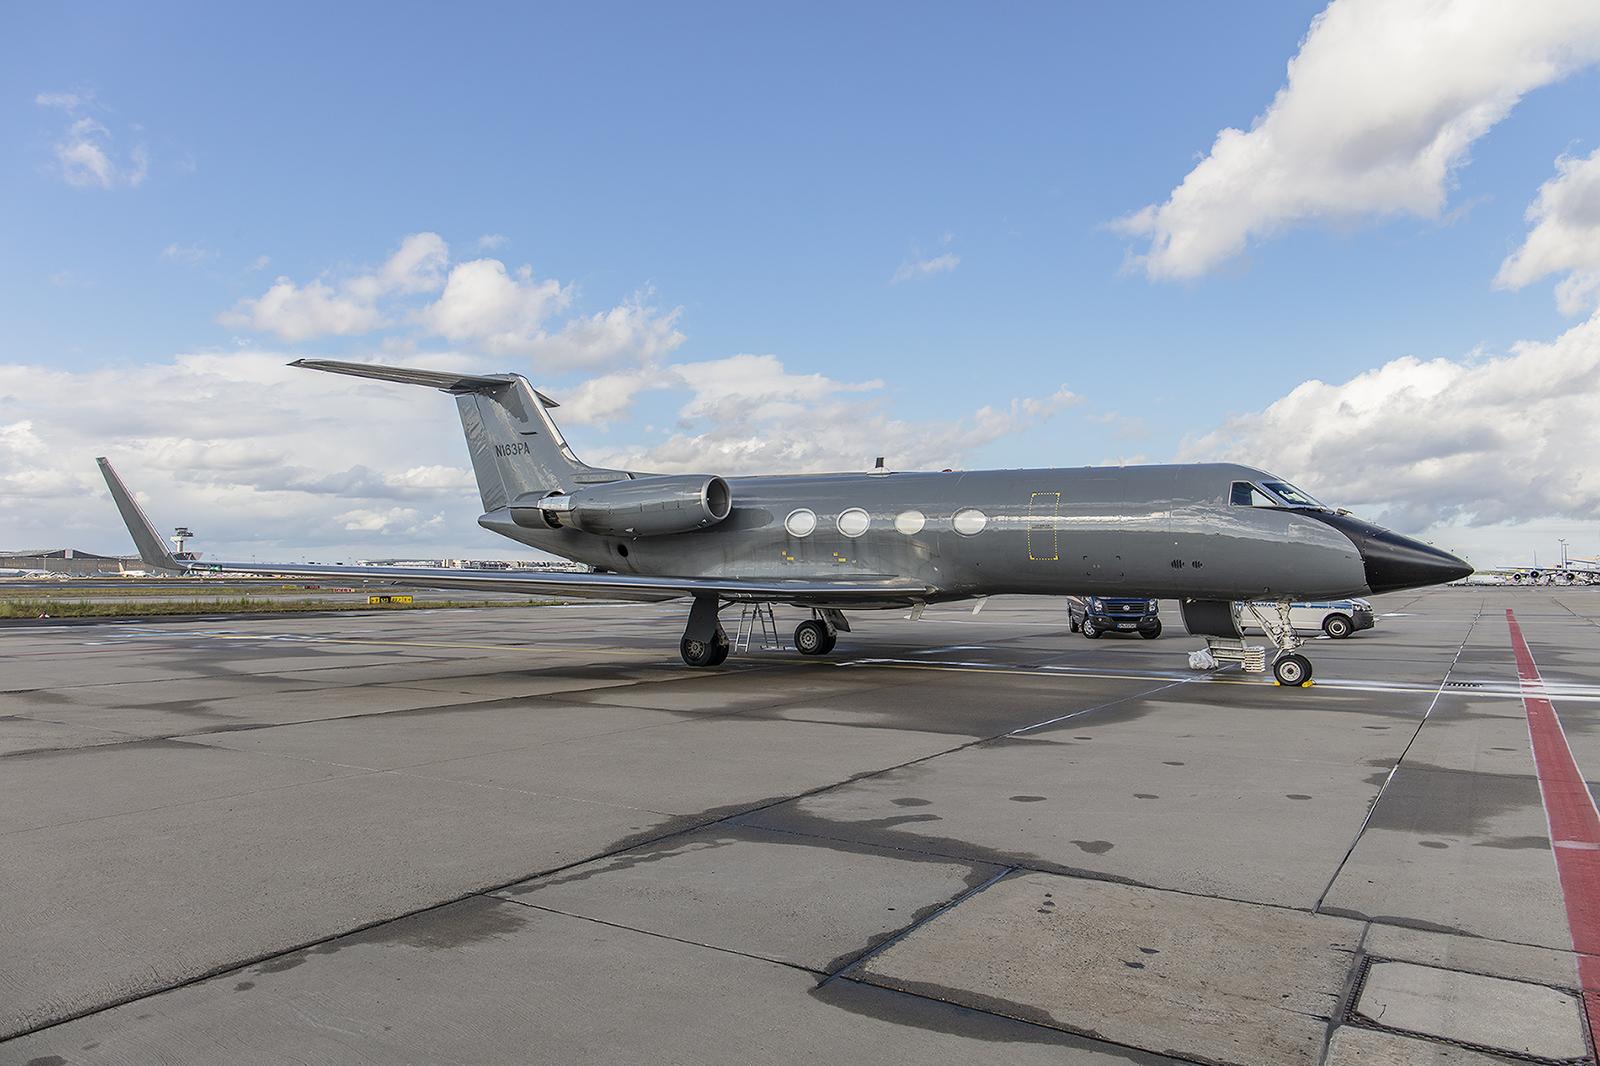 Ein ganz spezieller Flieger ist diese Gulfstream IV. Mit ihr können selbst Ebolapatienten gefahrlos transportiert werden.